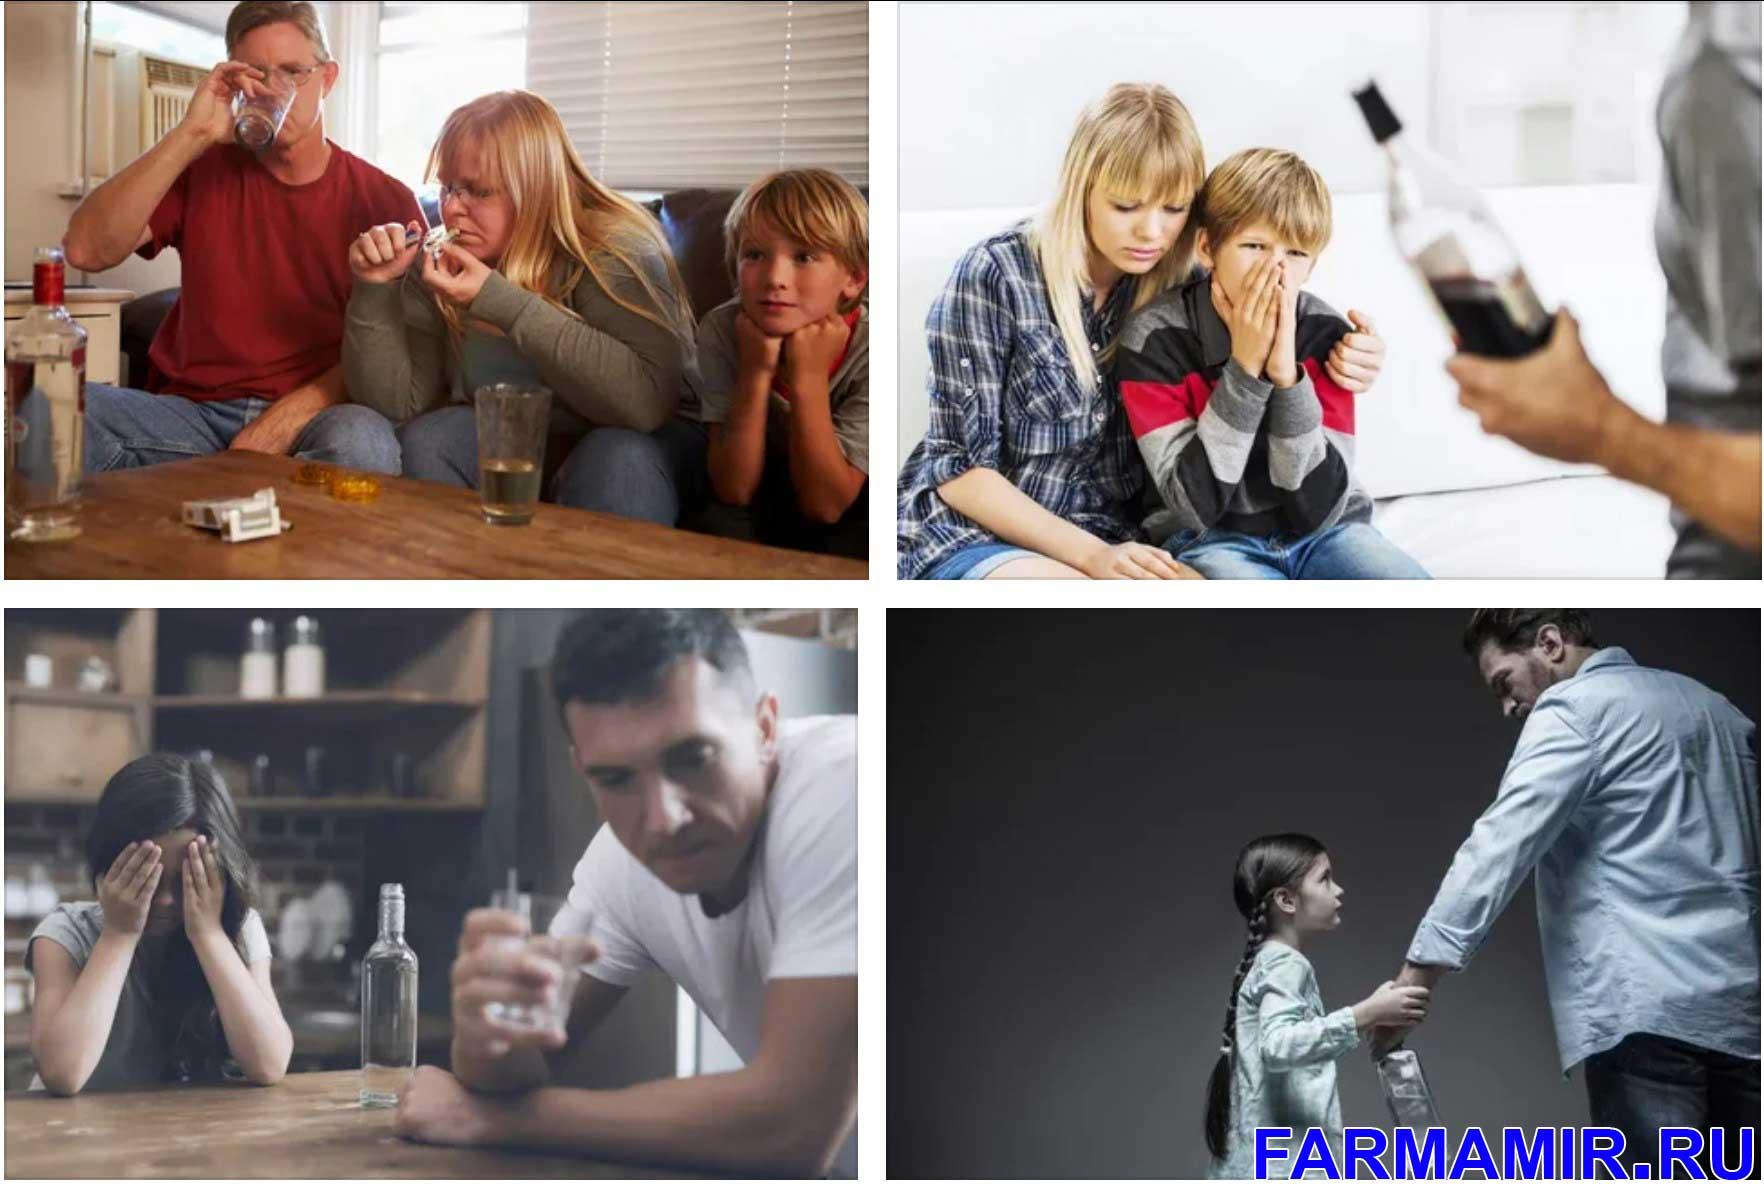 Принудительное лечение от алкоголизма: куда обращаться и как оформить алкоголика